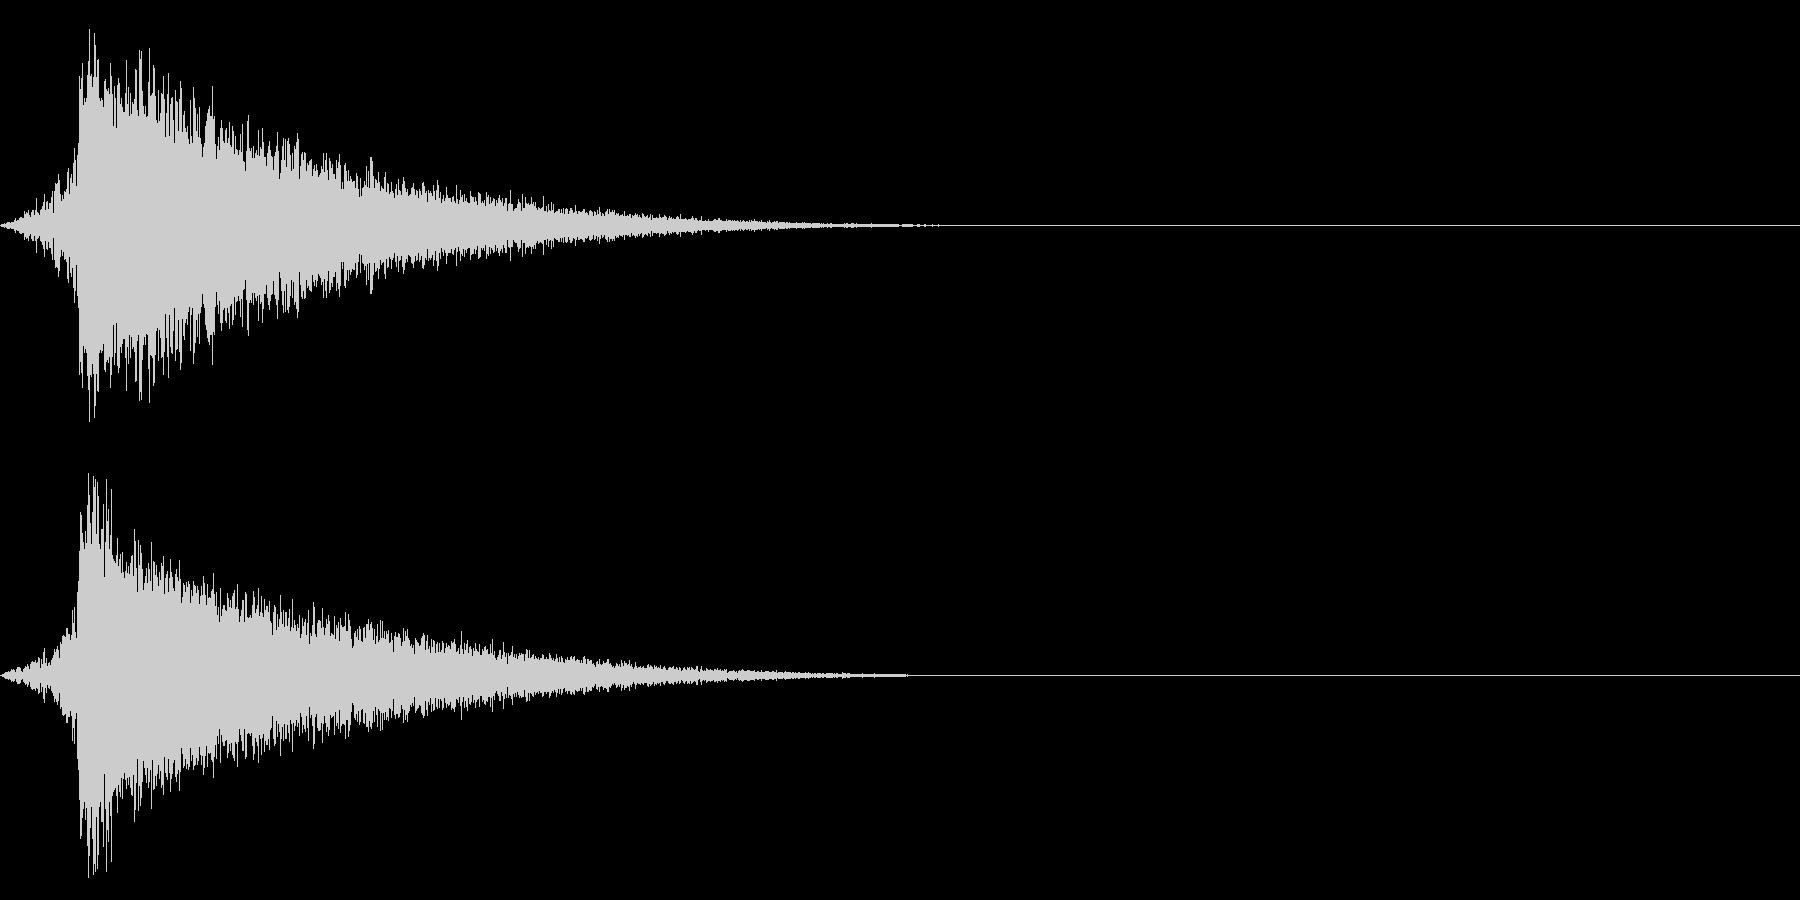 ホラー系アタック音94の未再生の波形